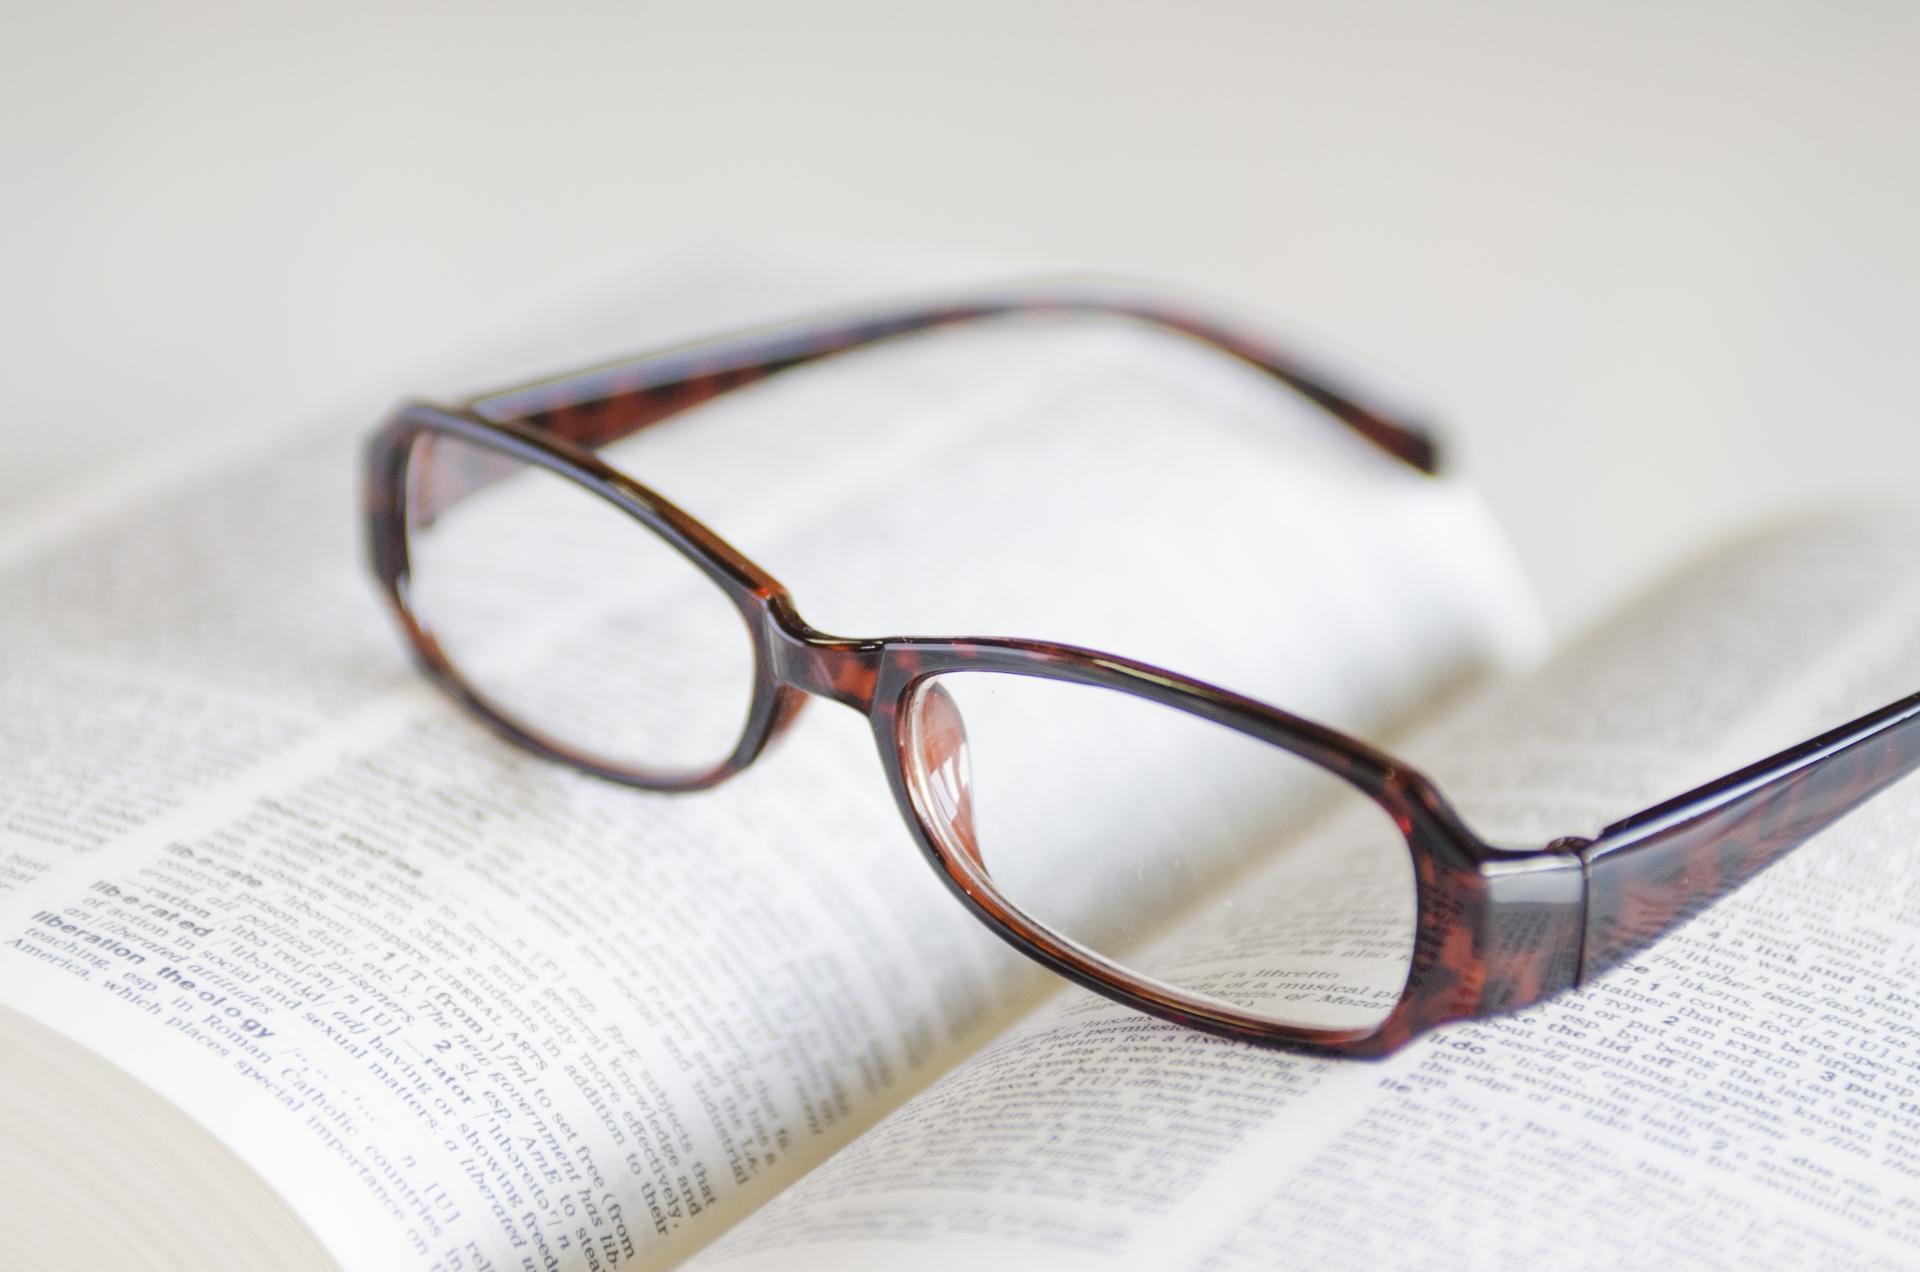 遠視用のメガネ